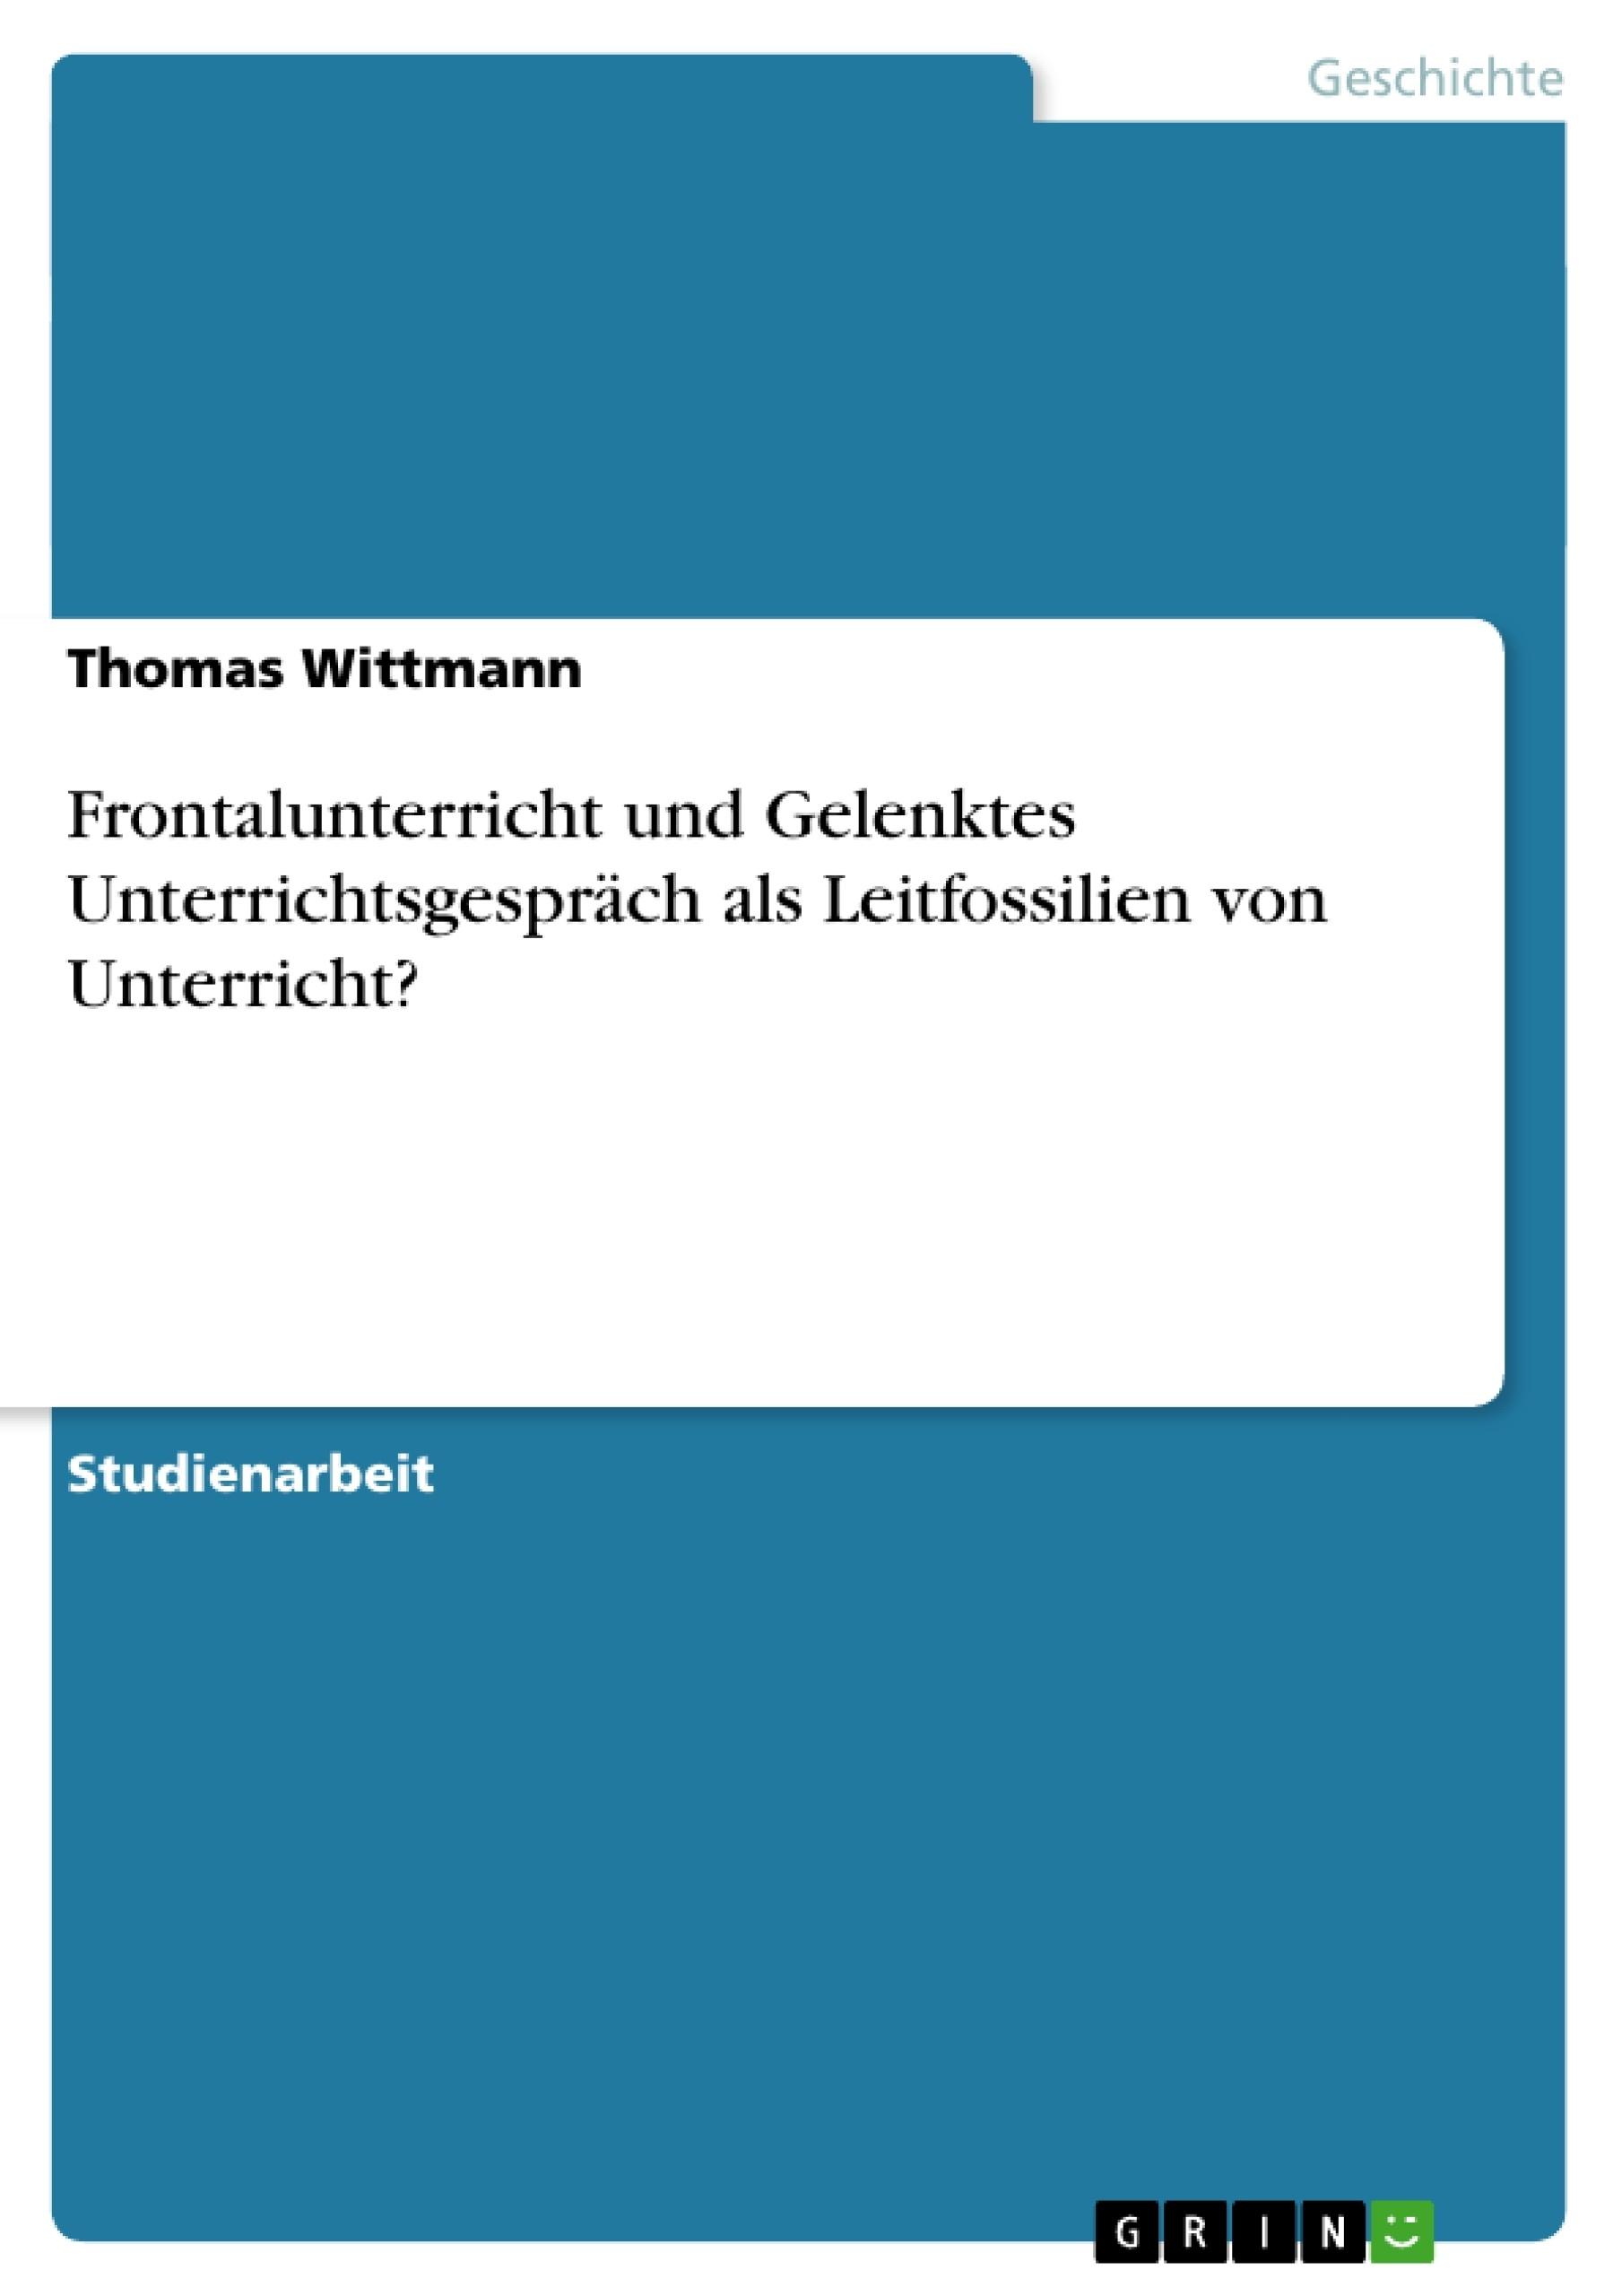 Titel: Frontalunterricht und Gelenktes Unterrichtsgespräch als Leitfossilien von Unterricht?